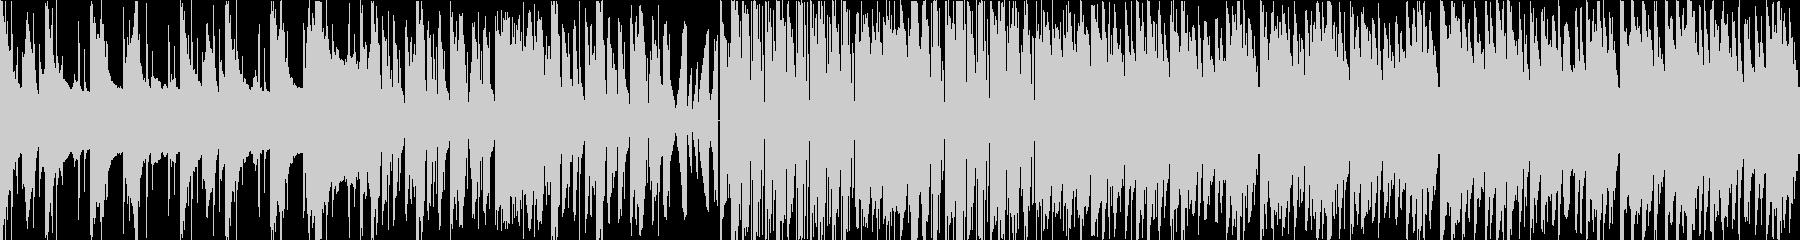 ダーク テクノ エレクトロ ループの未再生の波形